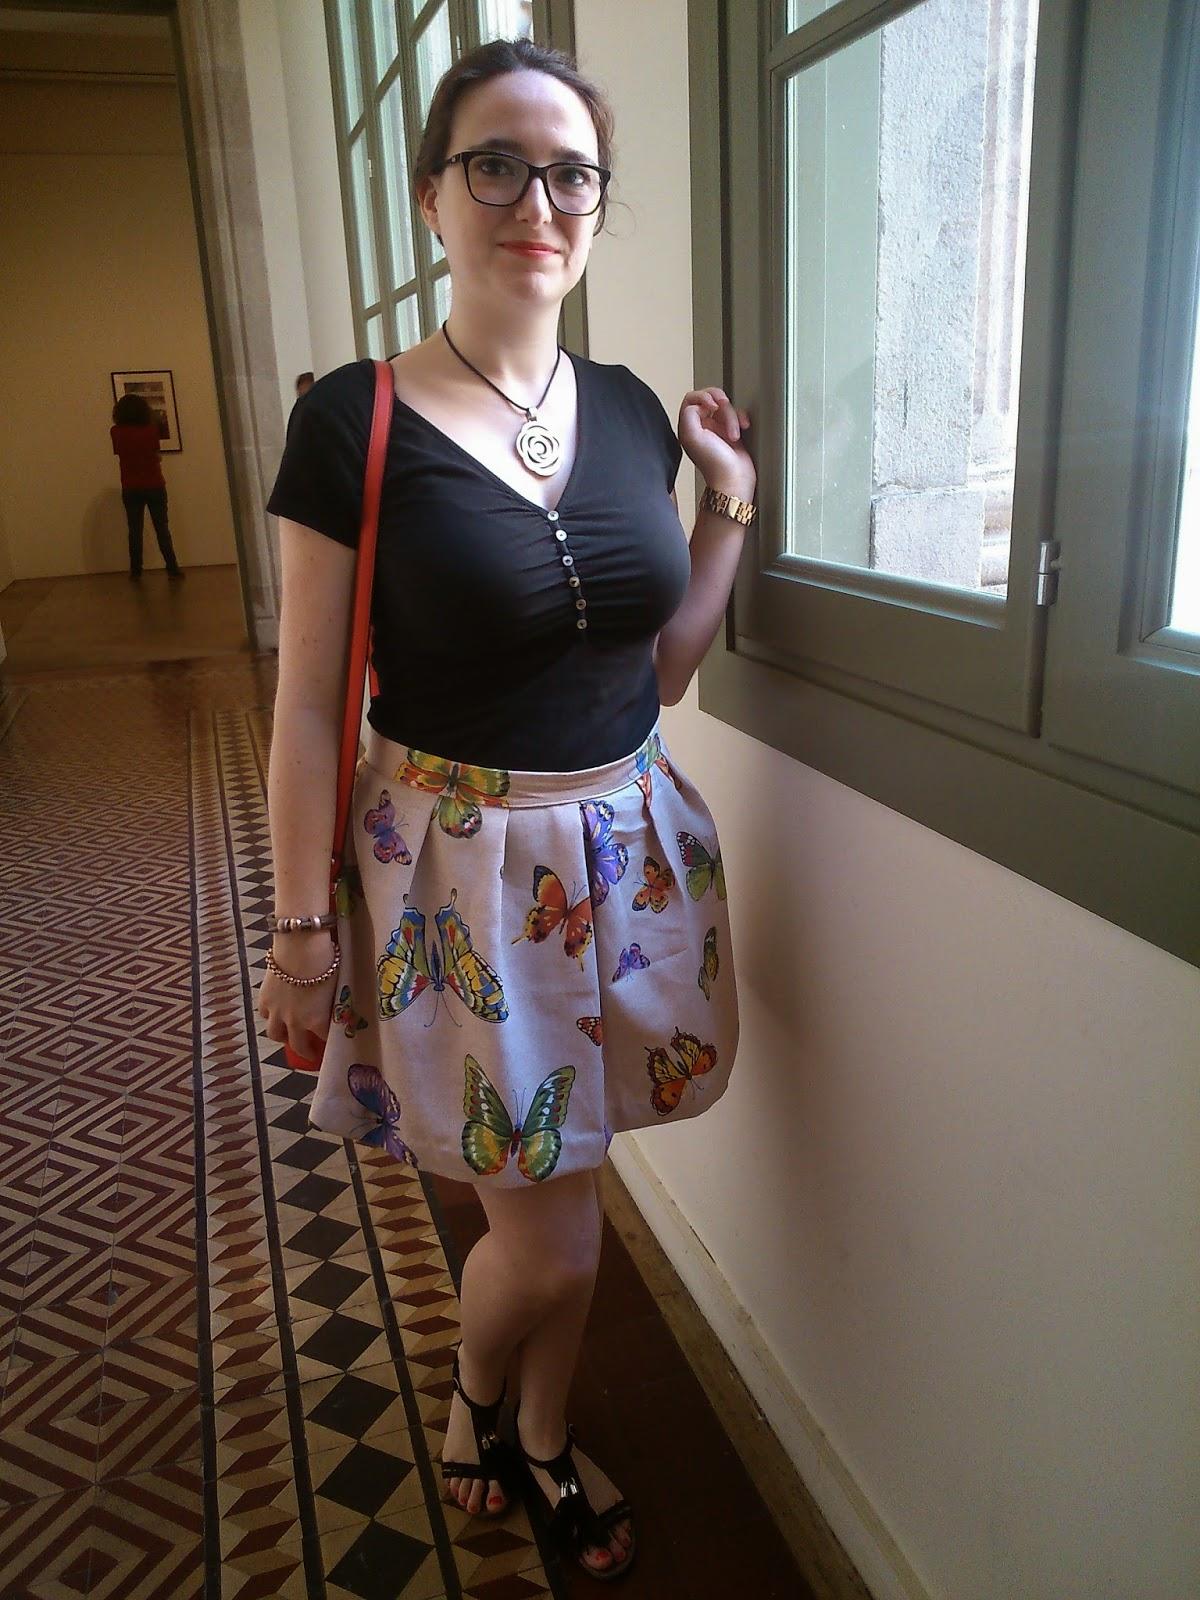 modistilla de pacotilla falda pliegues loneta mariposas falda fácil